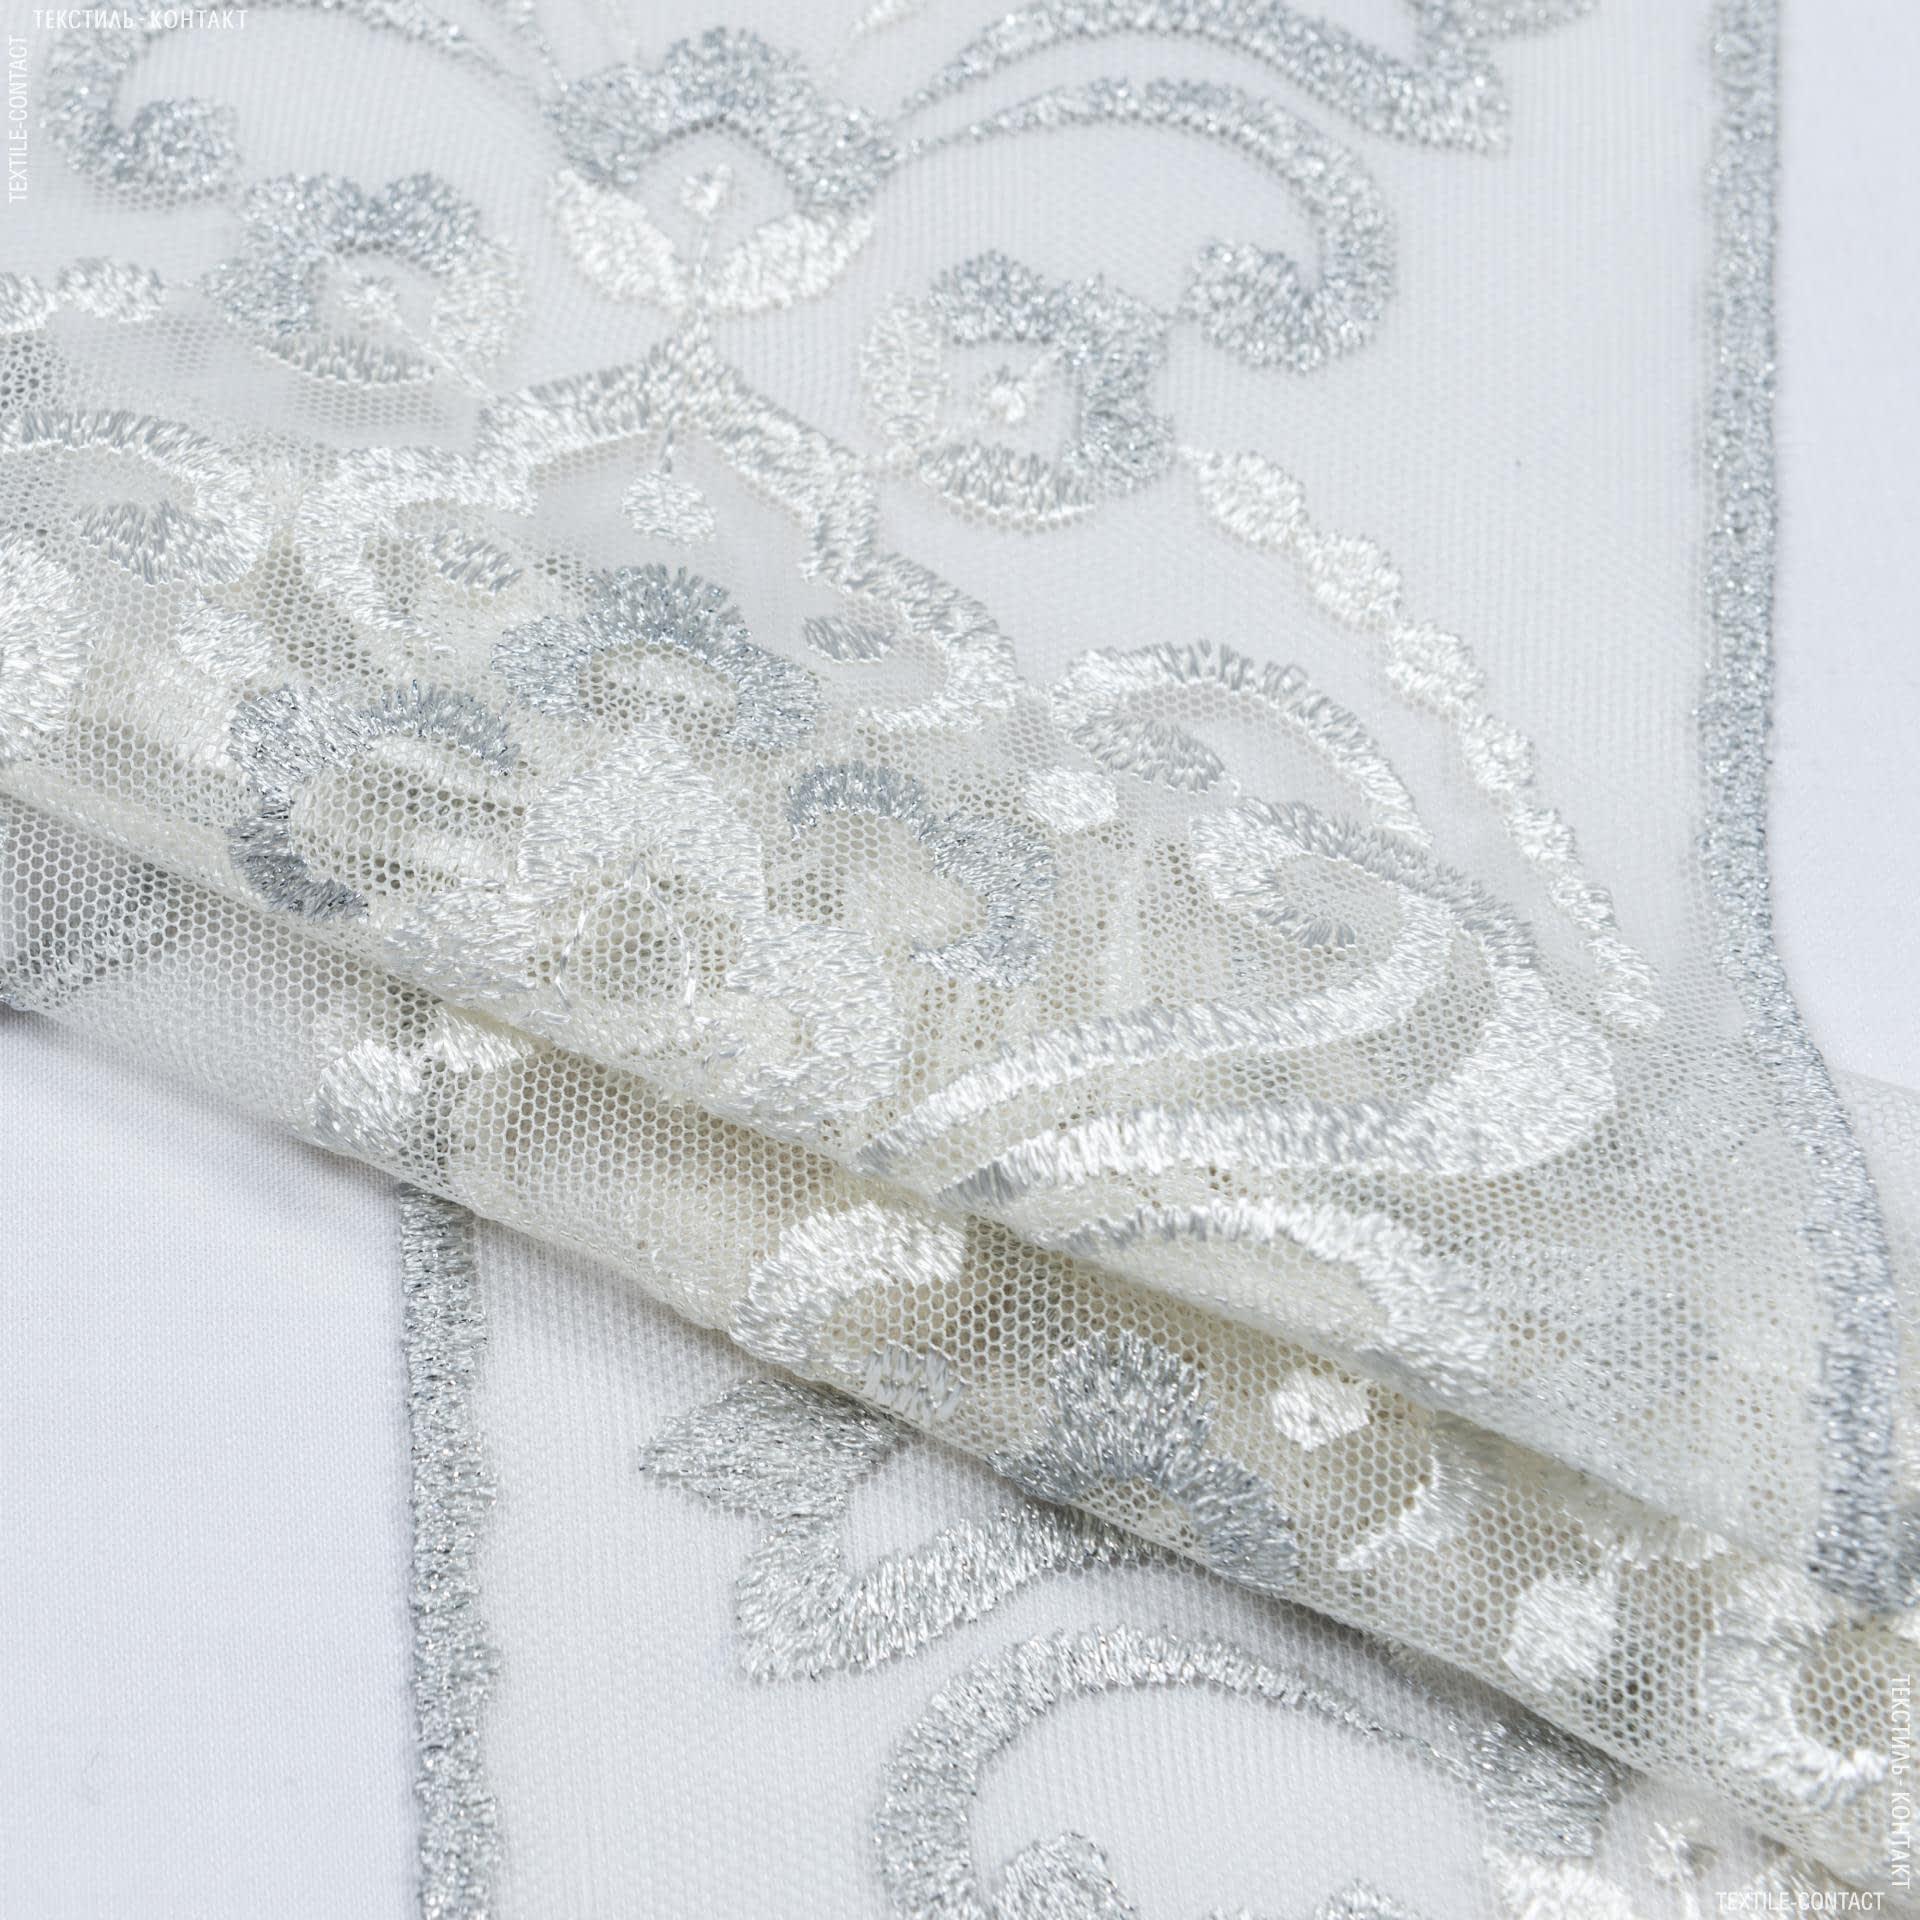 Тканини для печворку - Декоративне мереживо верона / молочний/ срібло 17 см